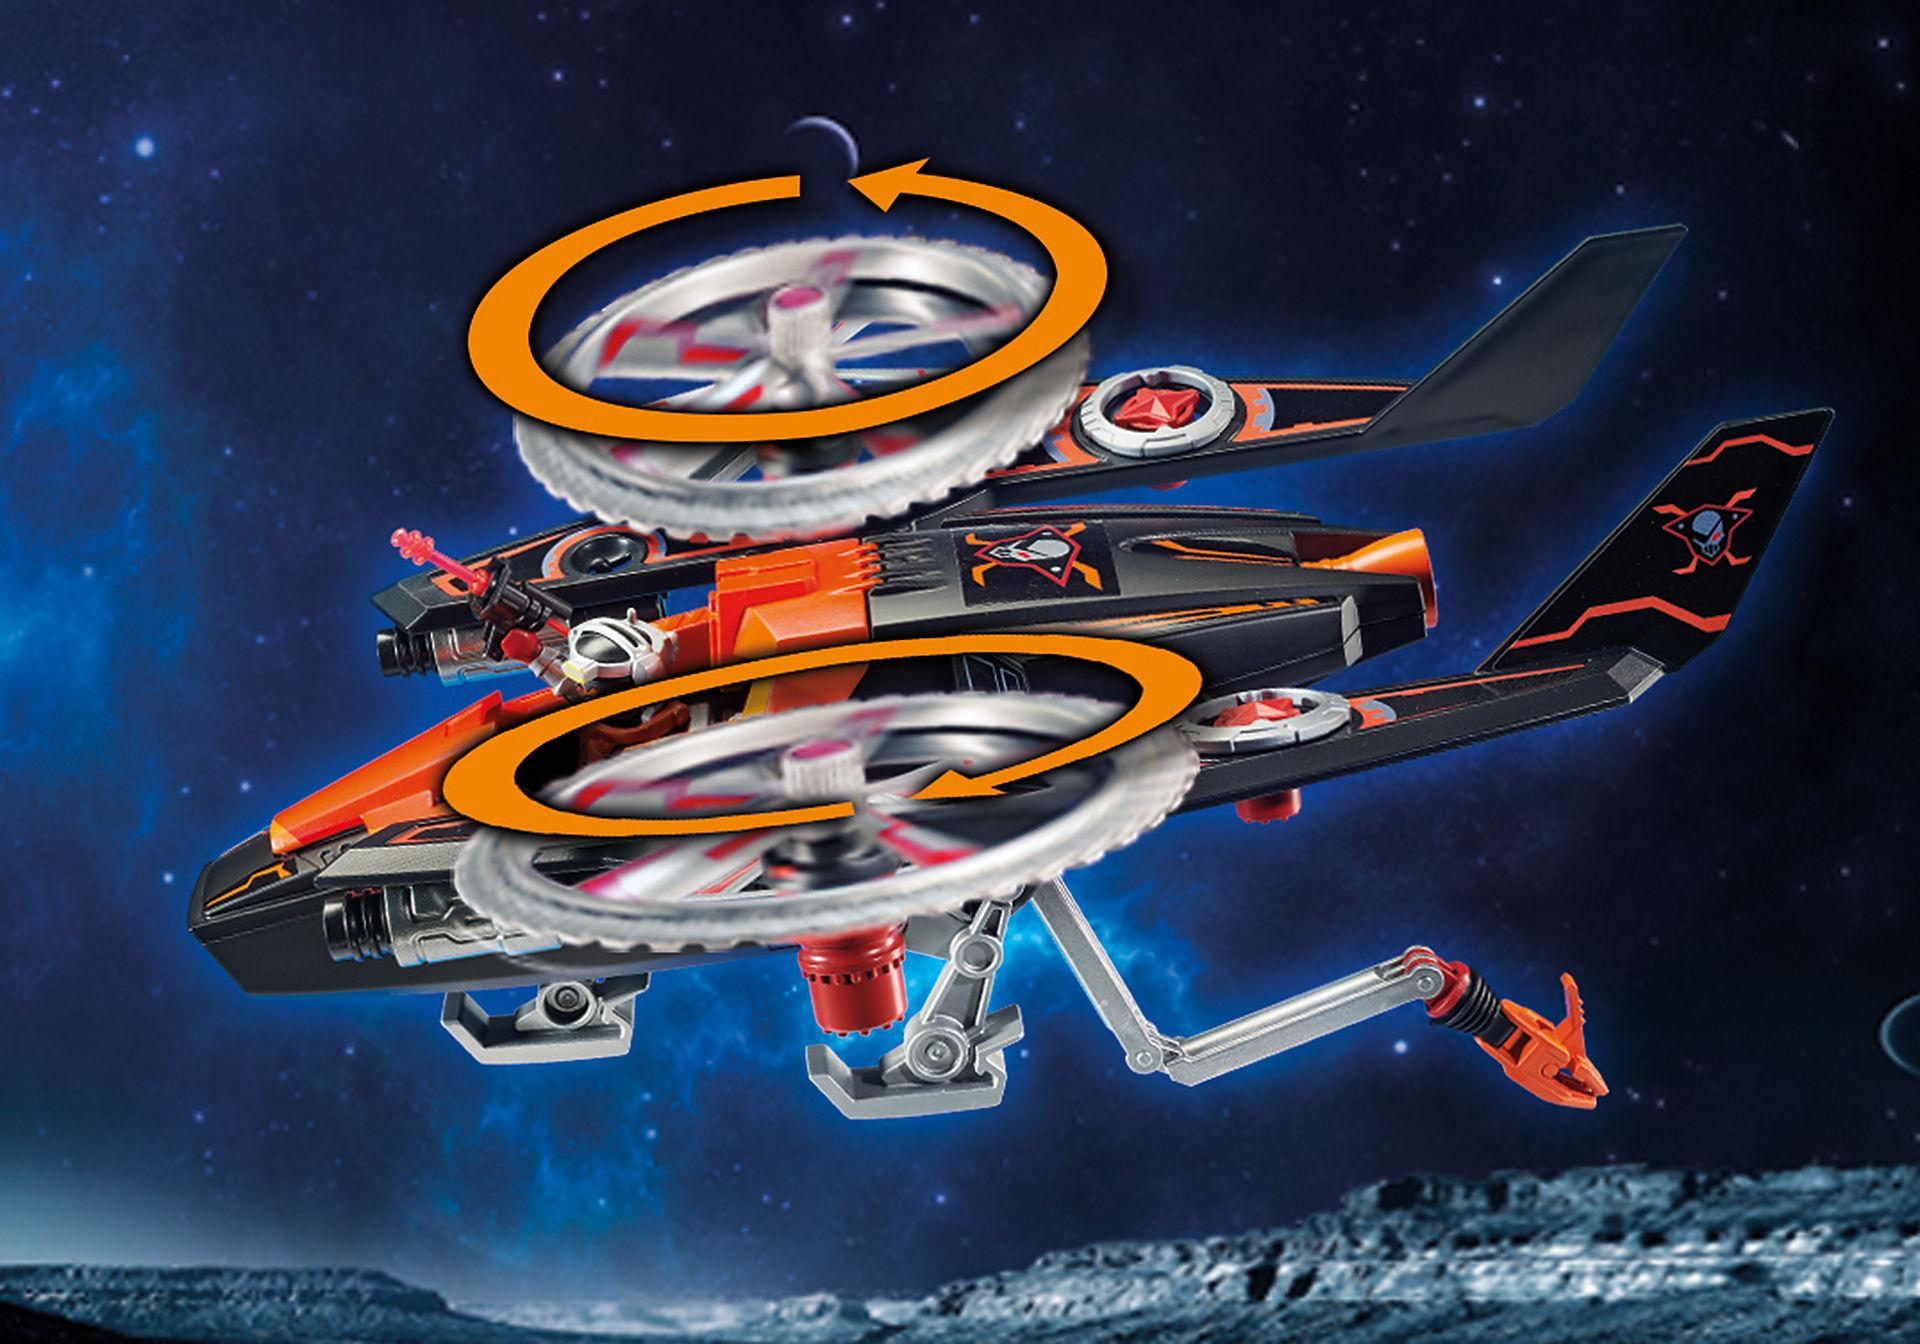 70023 Elicottero dei Pirati Spaziali zoom image4